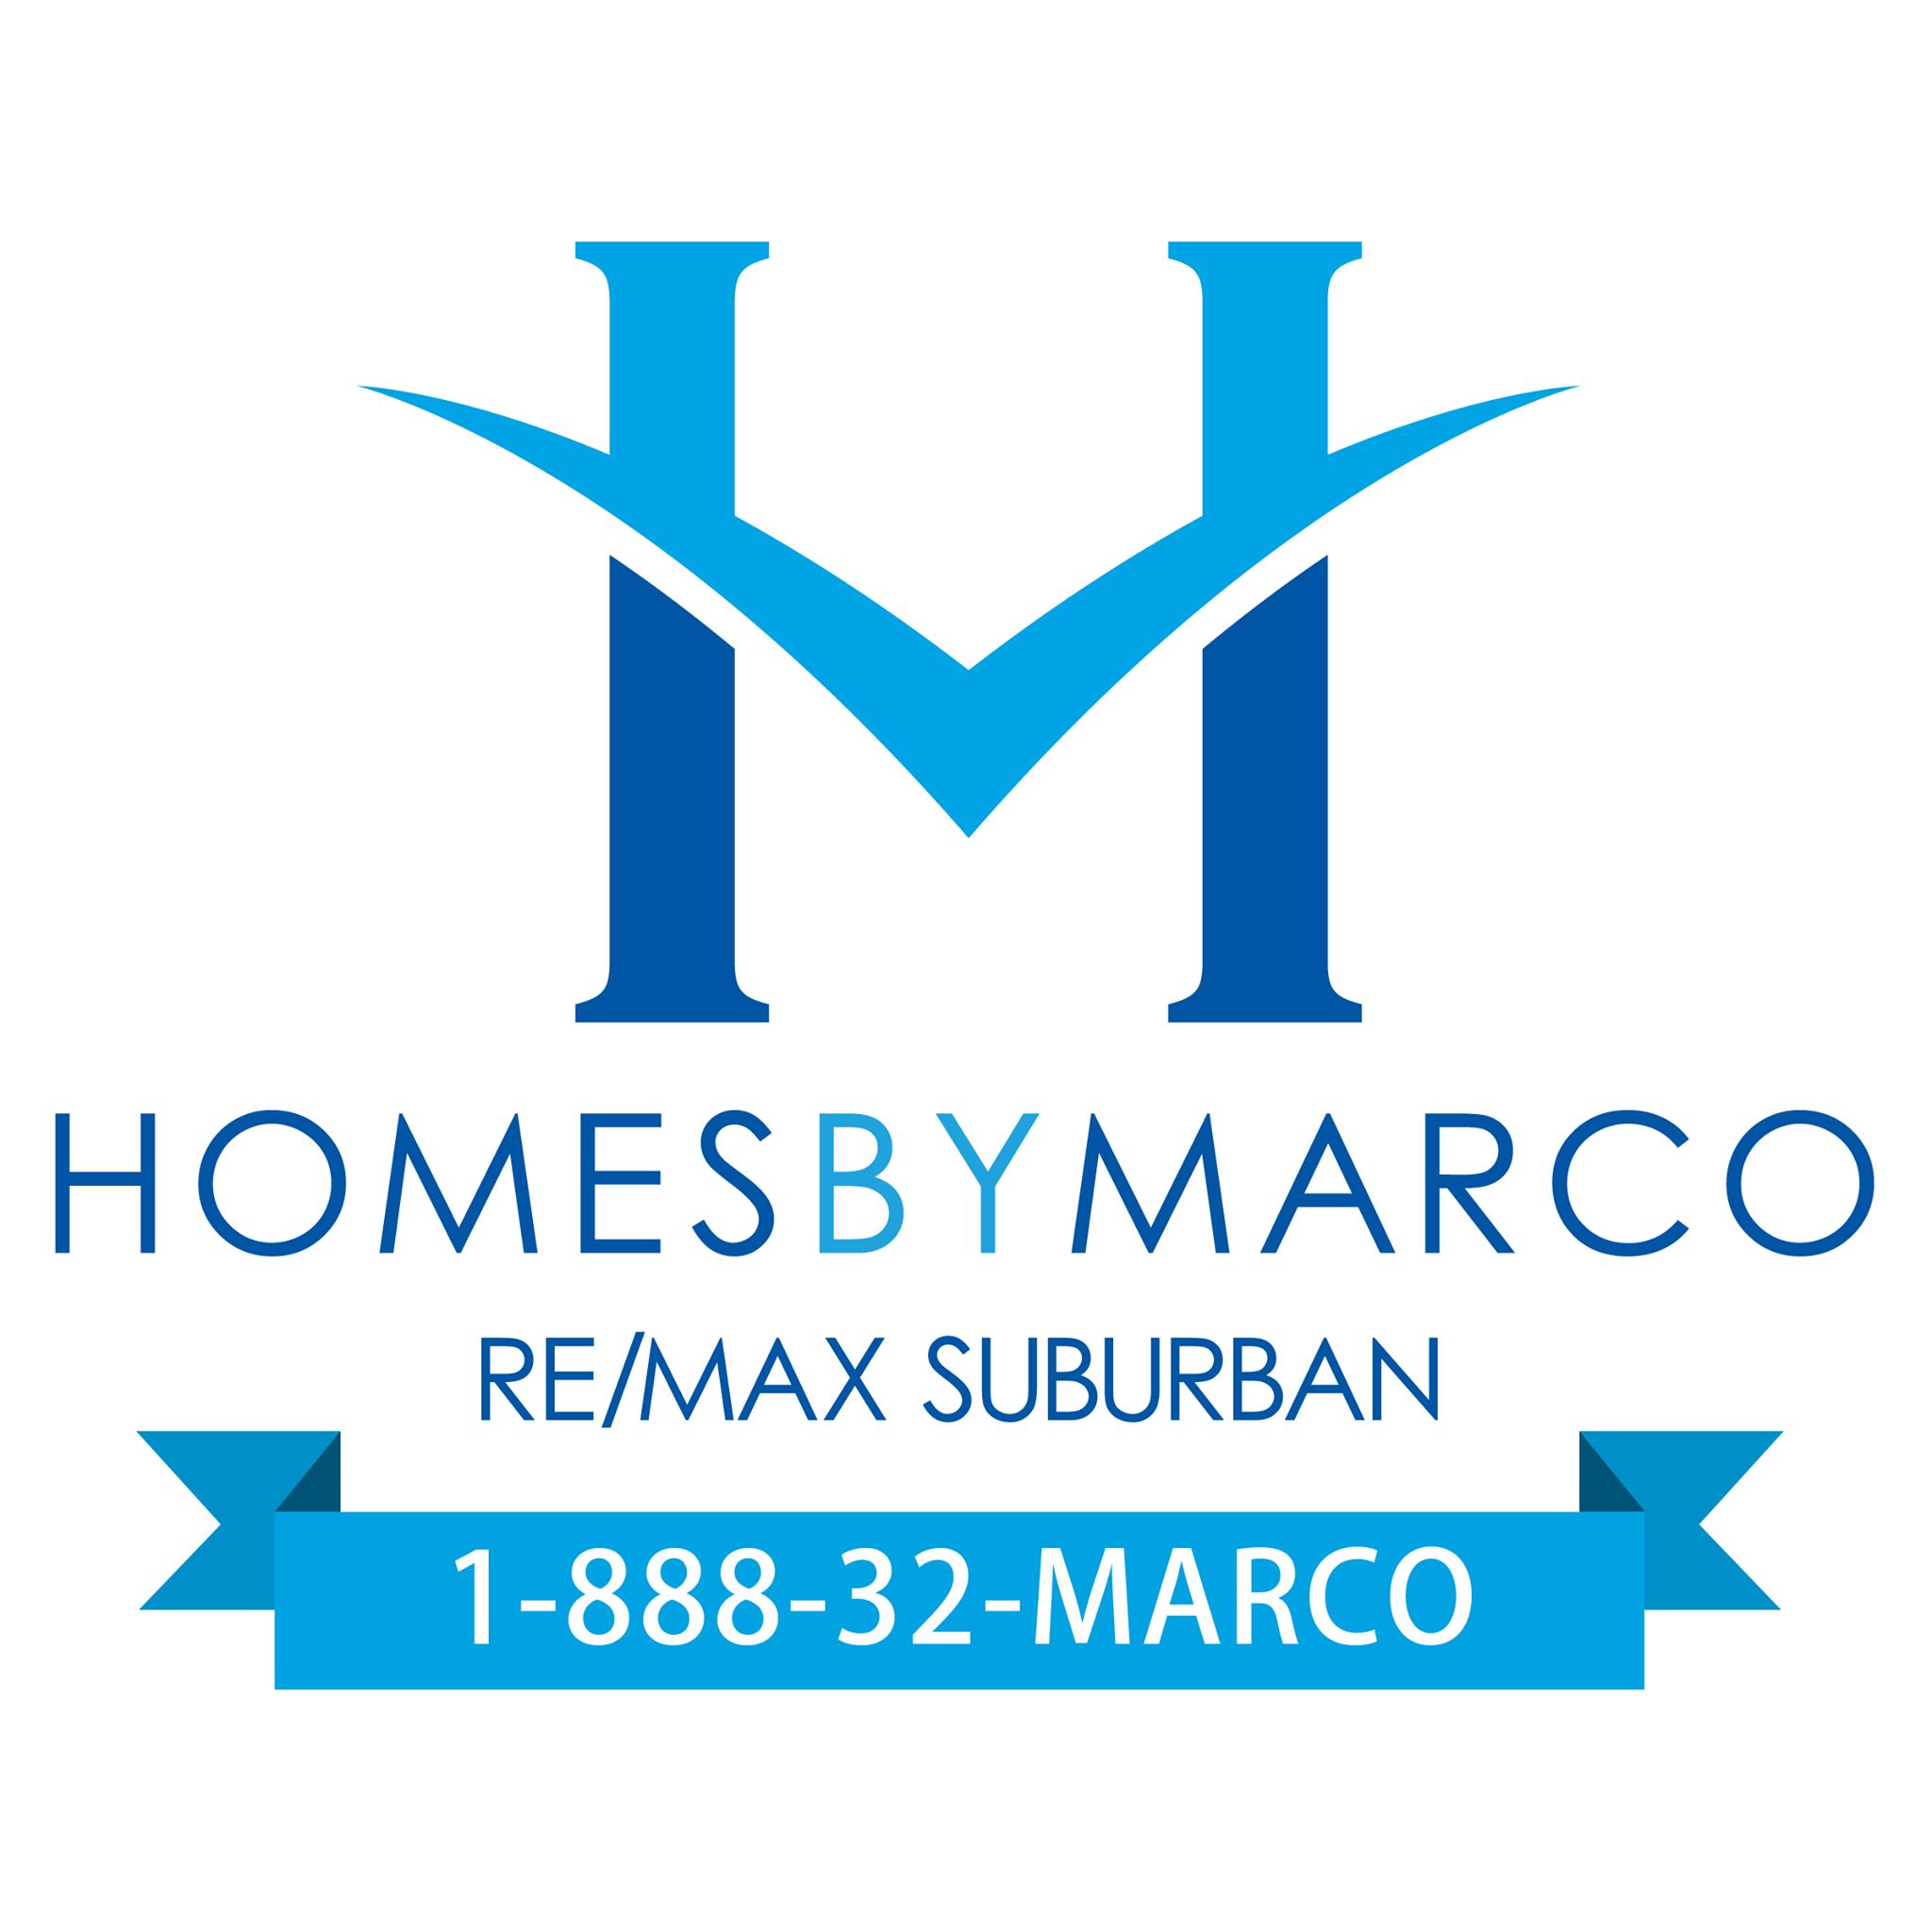 Homesbymarco logo